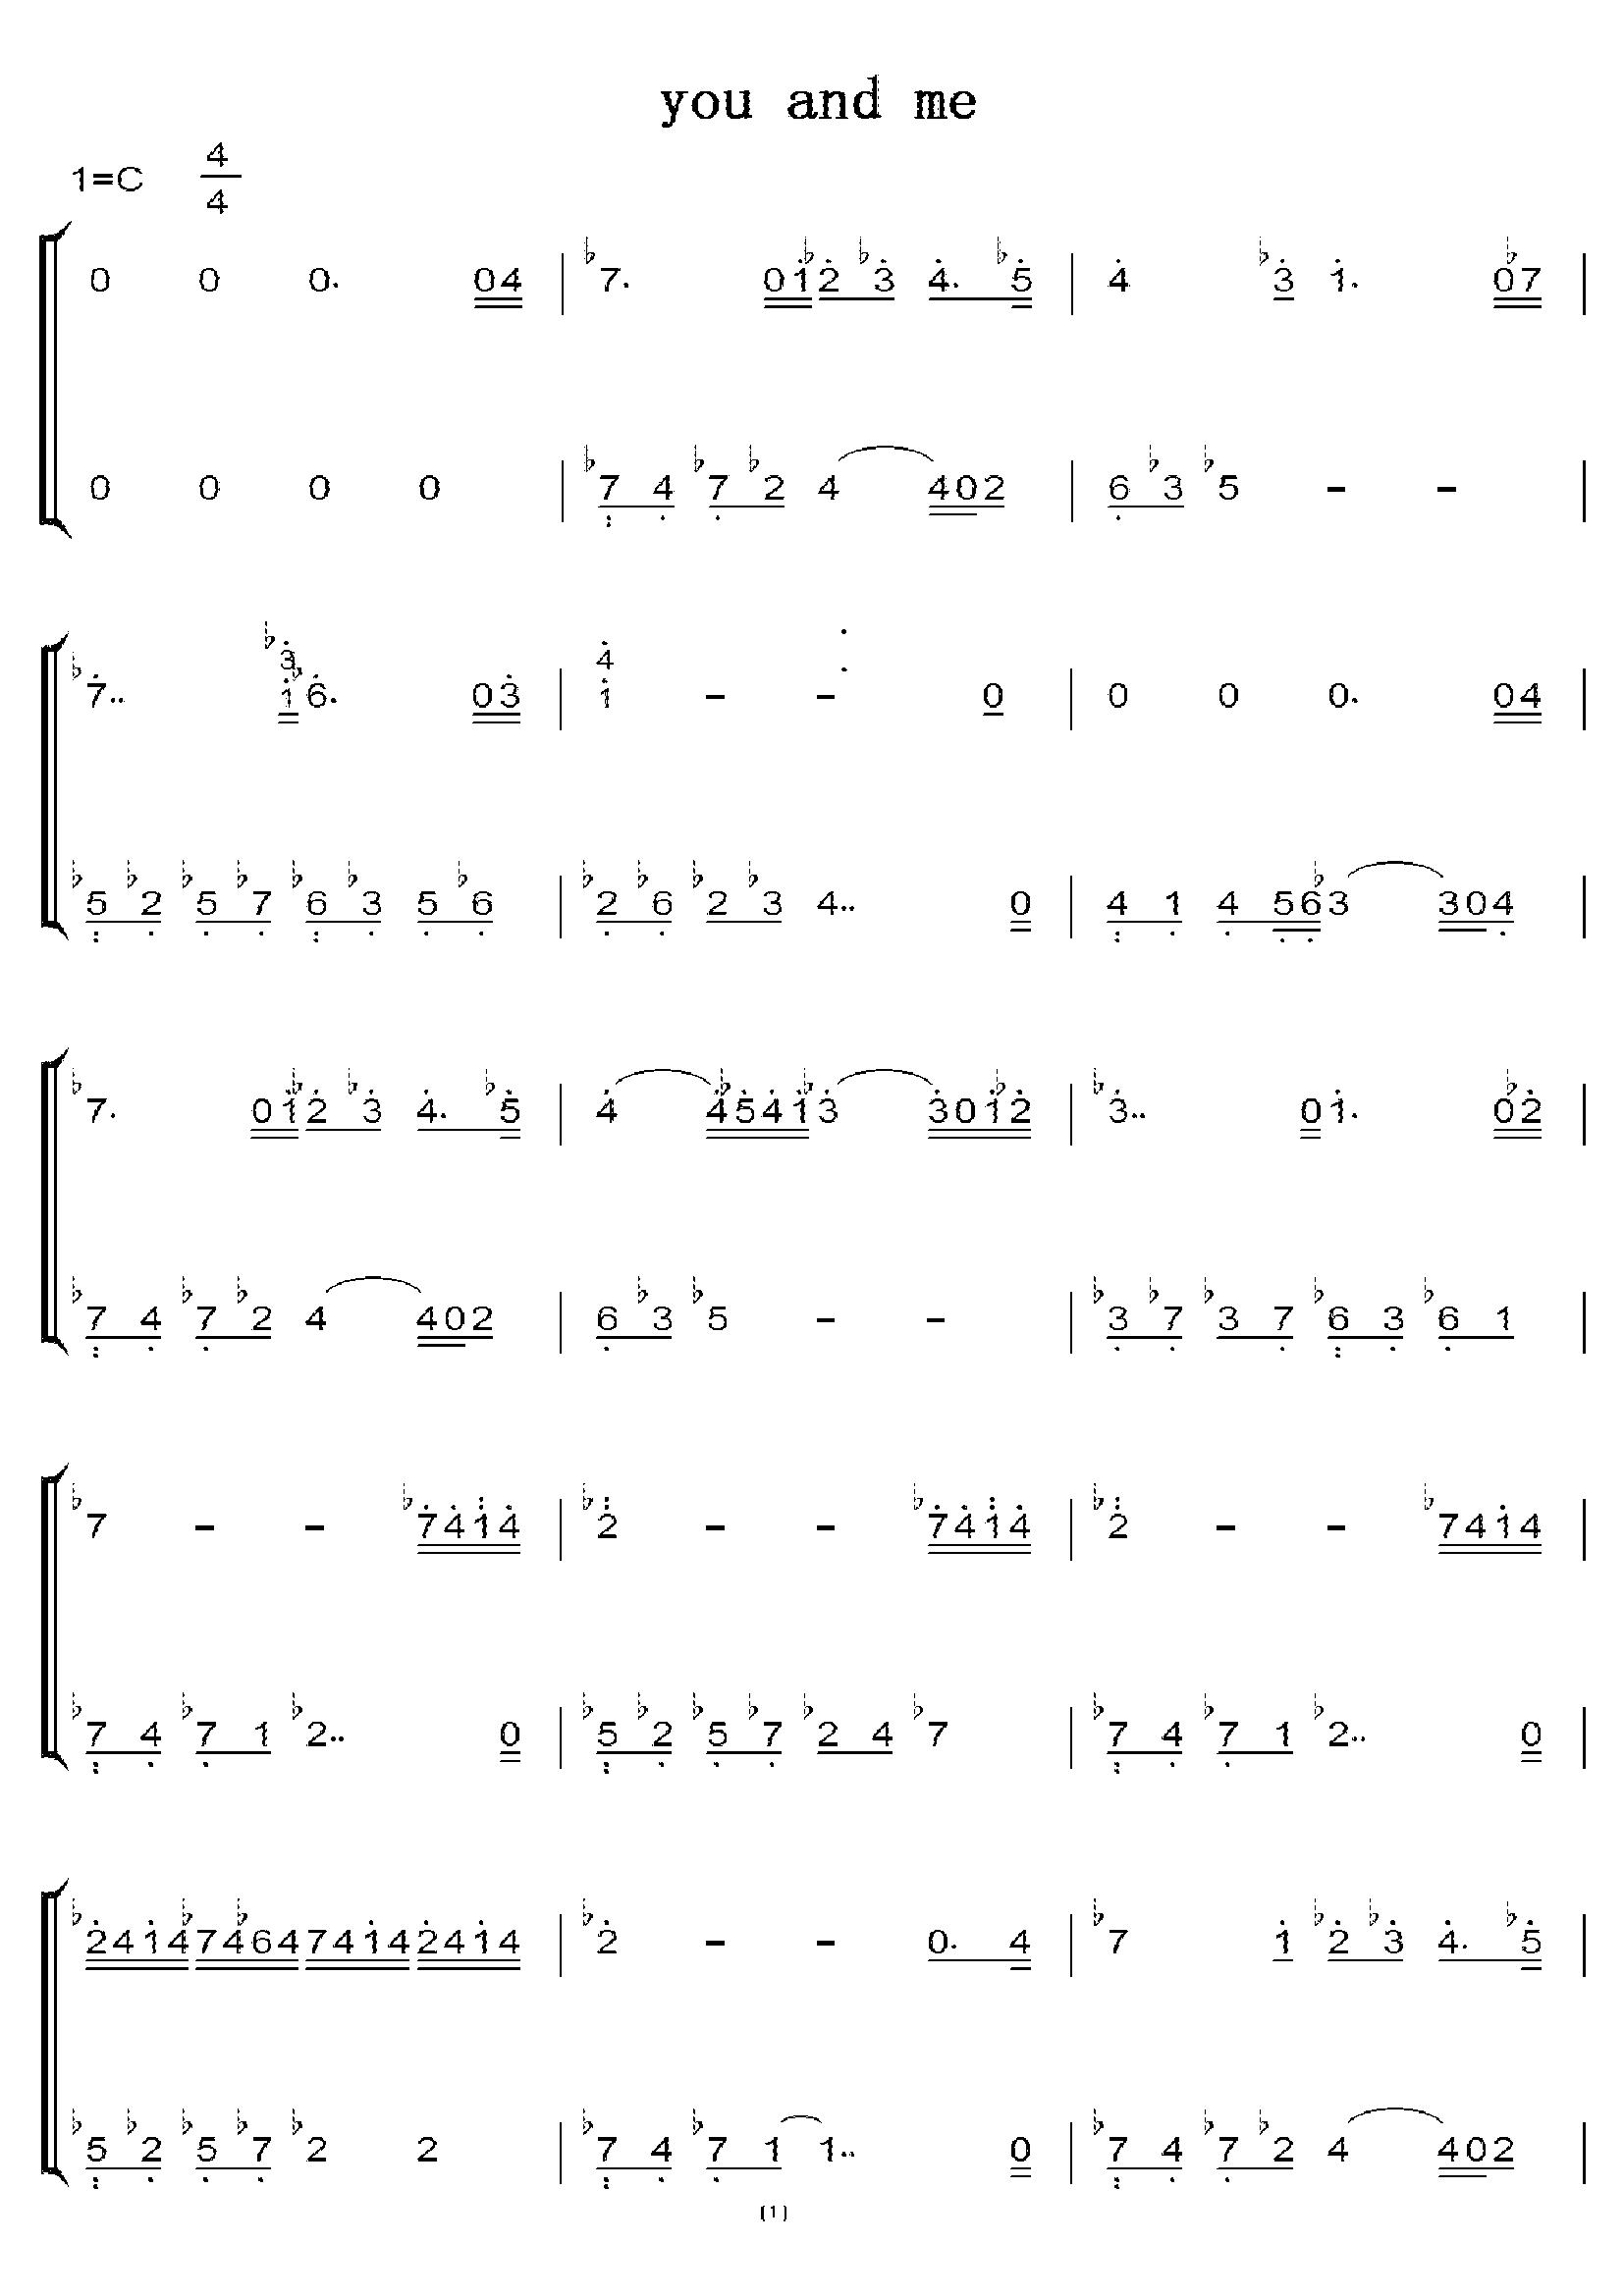 梦与叶樱钢琴谱简谱 梦と叶桜吉他谱图片